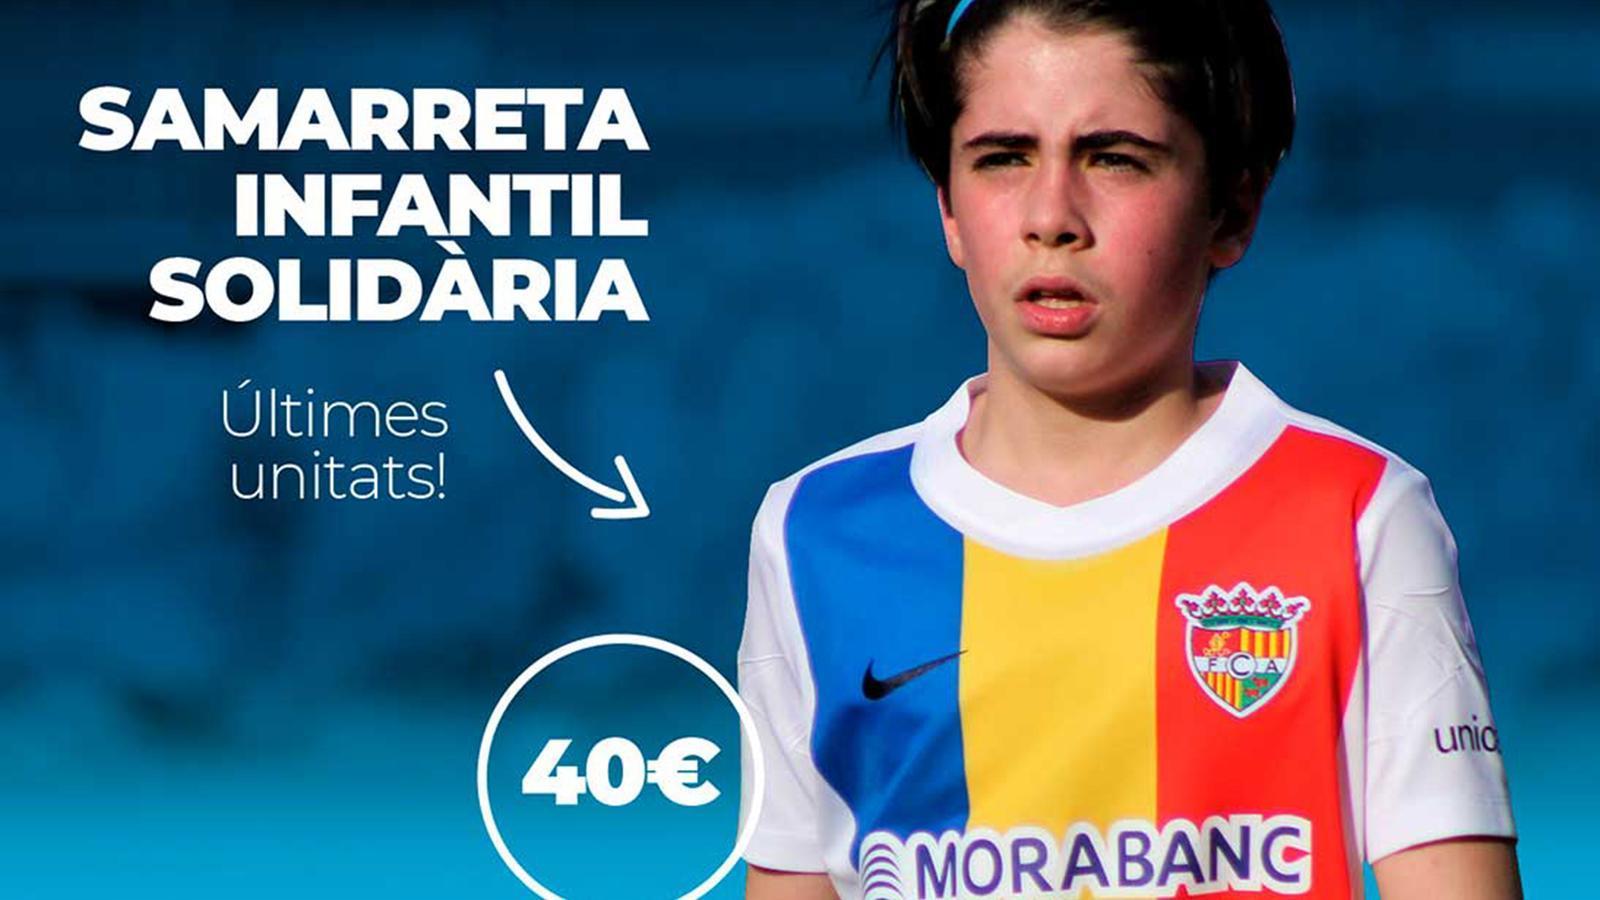 Cartell de la samarreta infantil solidària. / FC ANDORRA